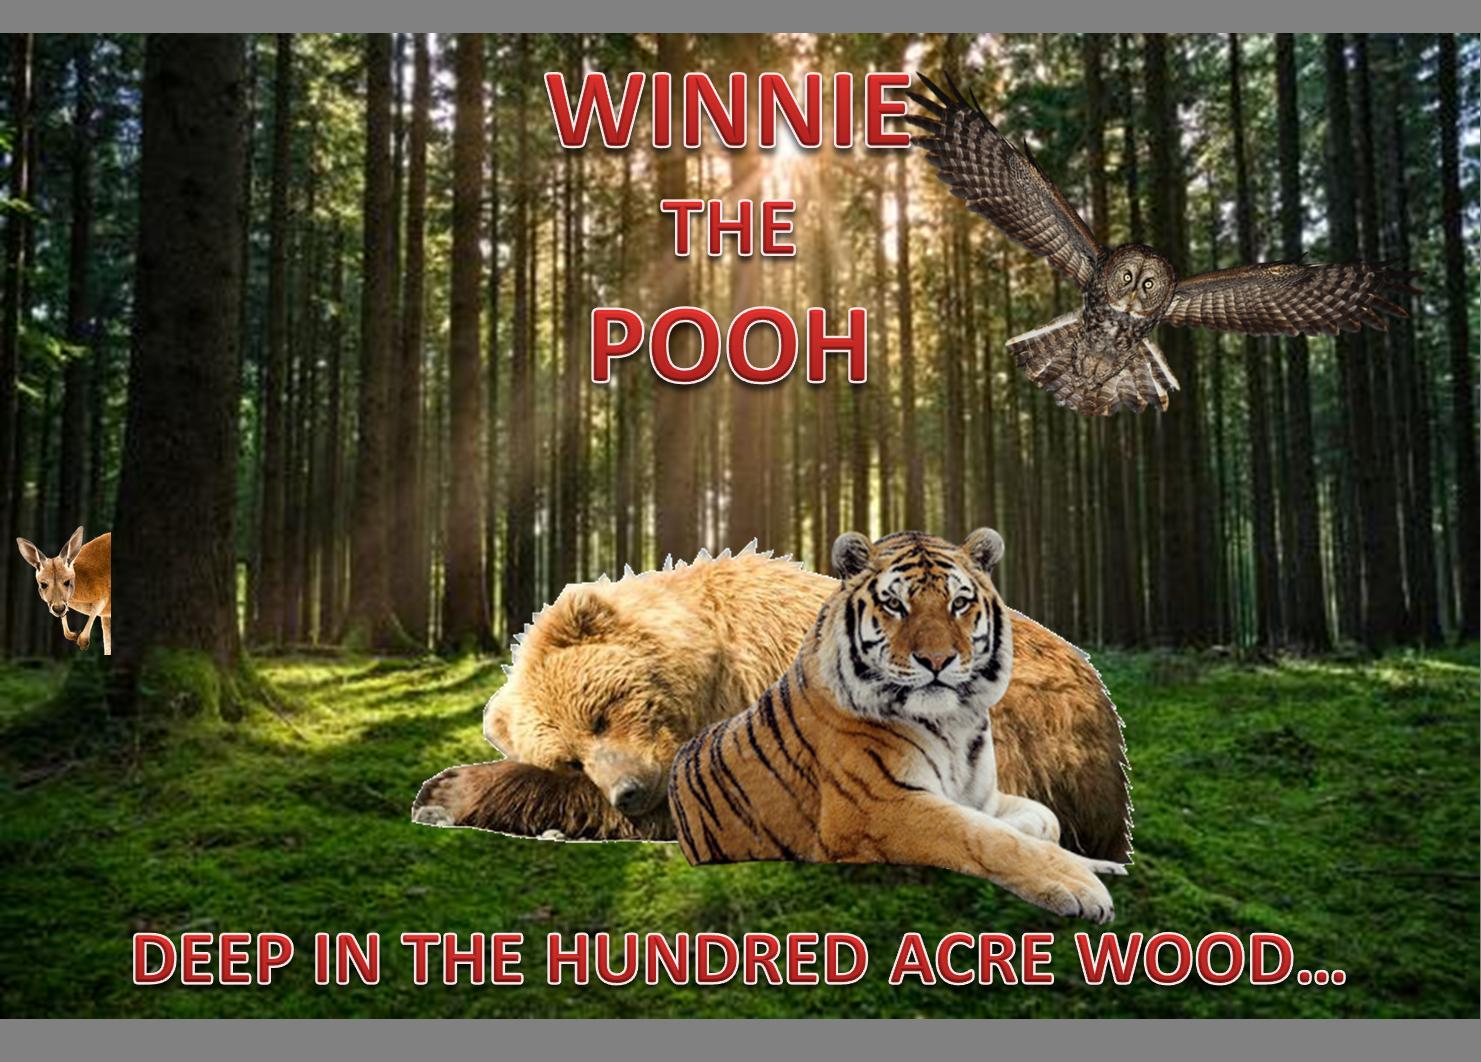 Winnie Pooh Film 2019